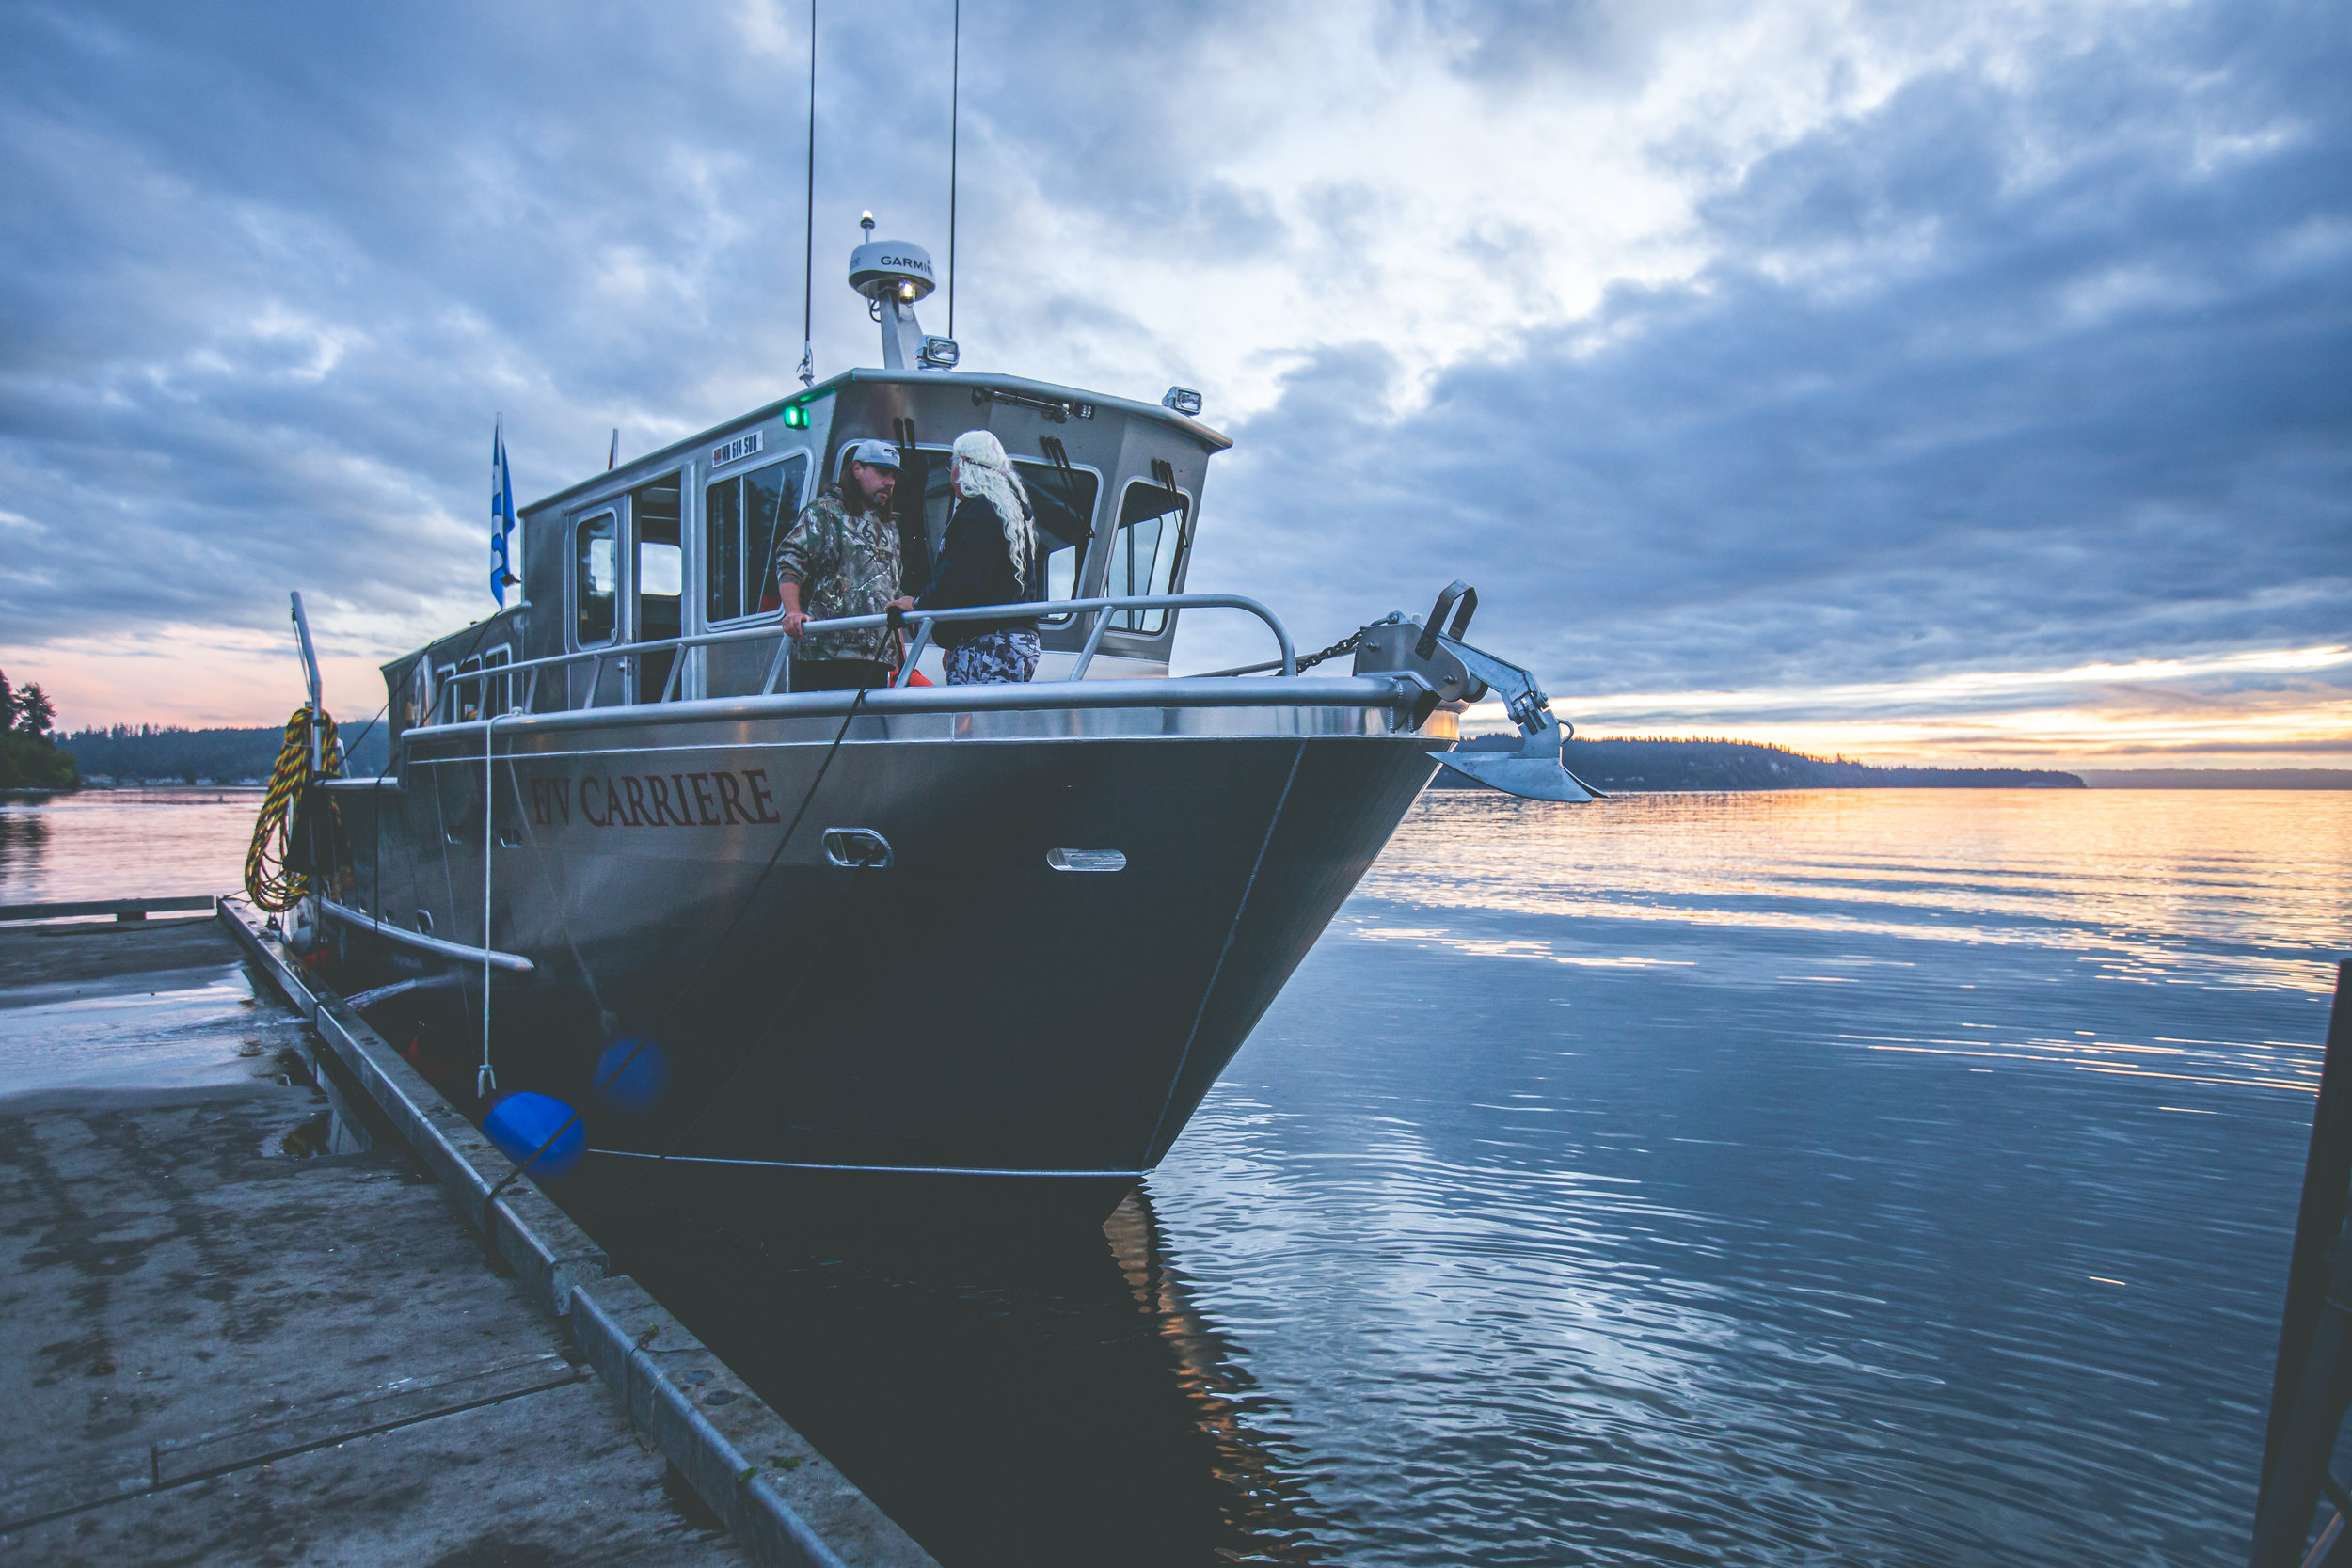 2019_09_19 suquamish seafoods 00015.jpg